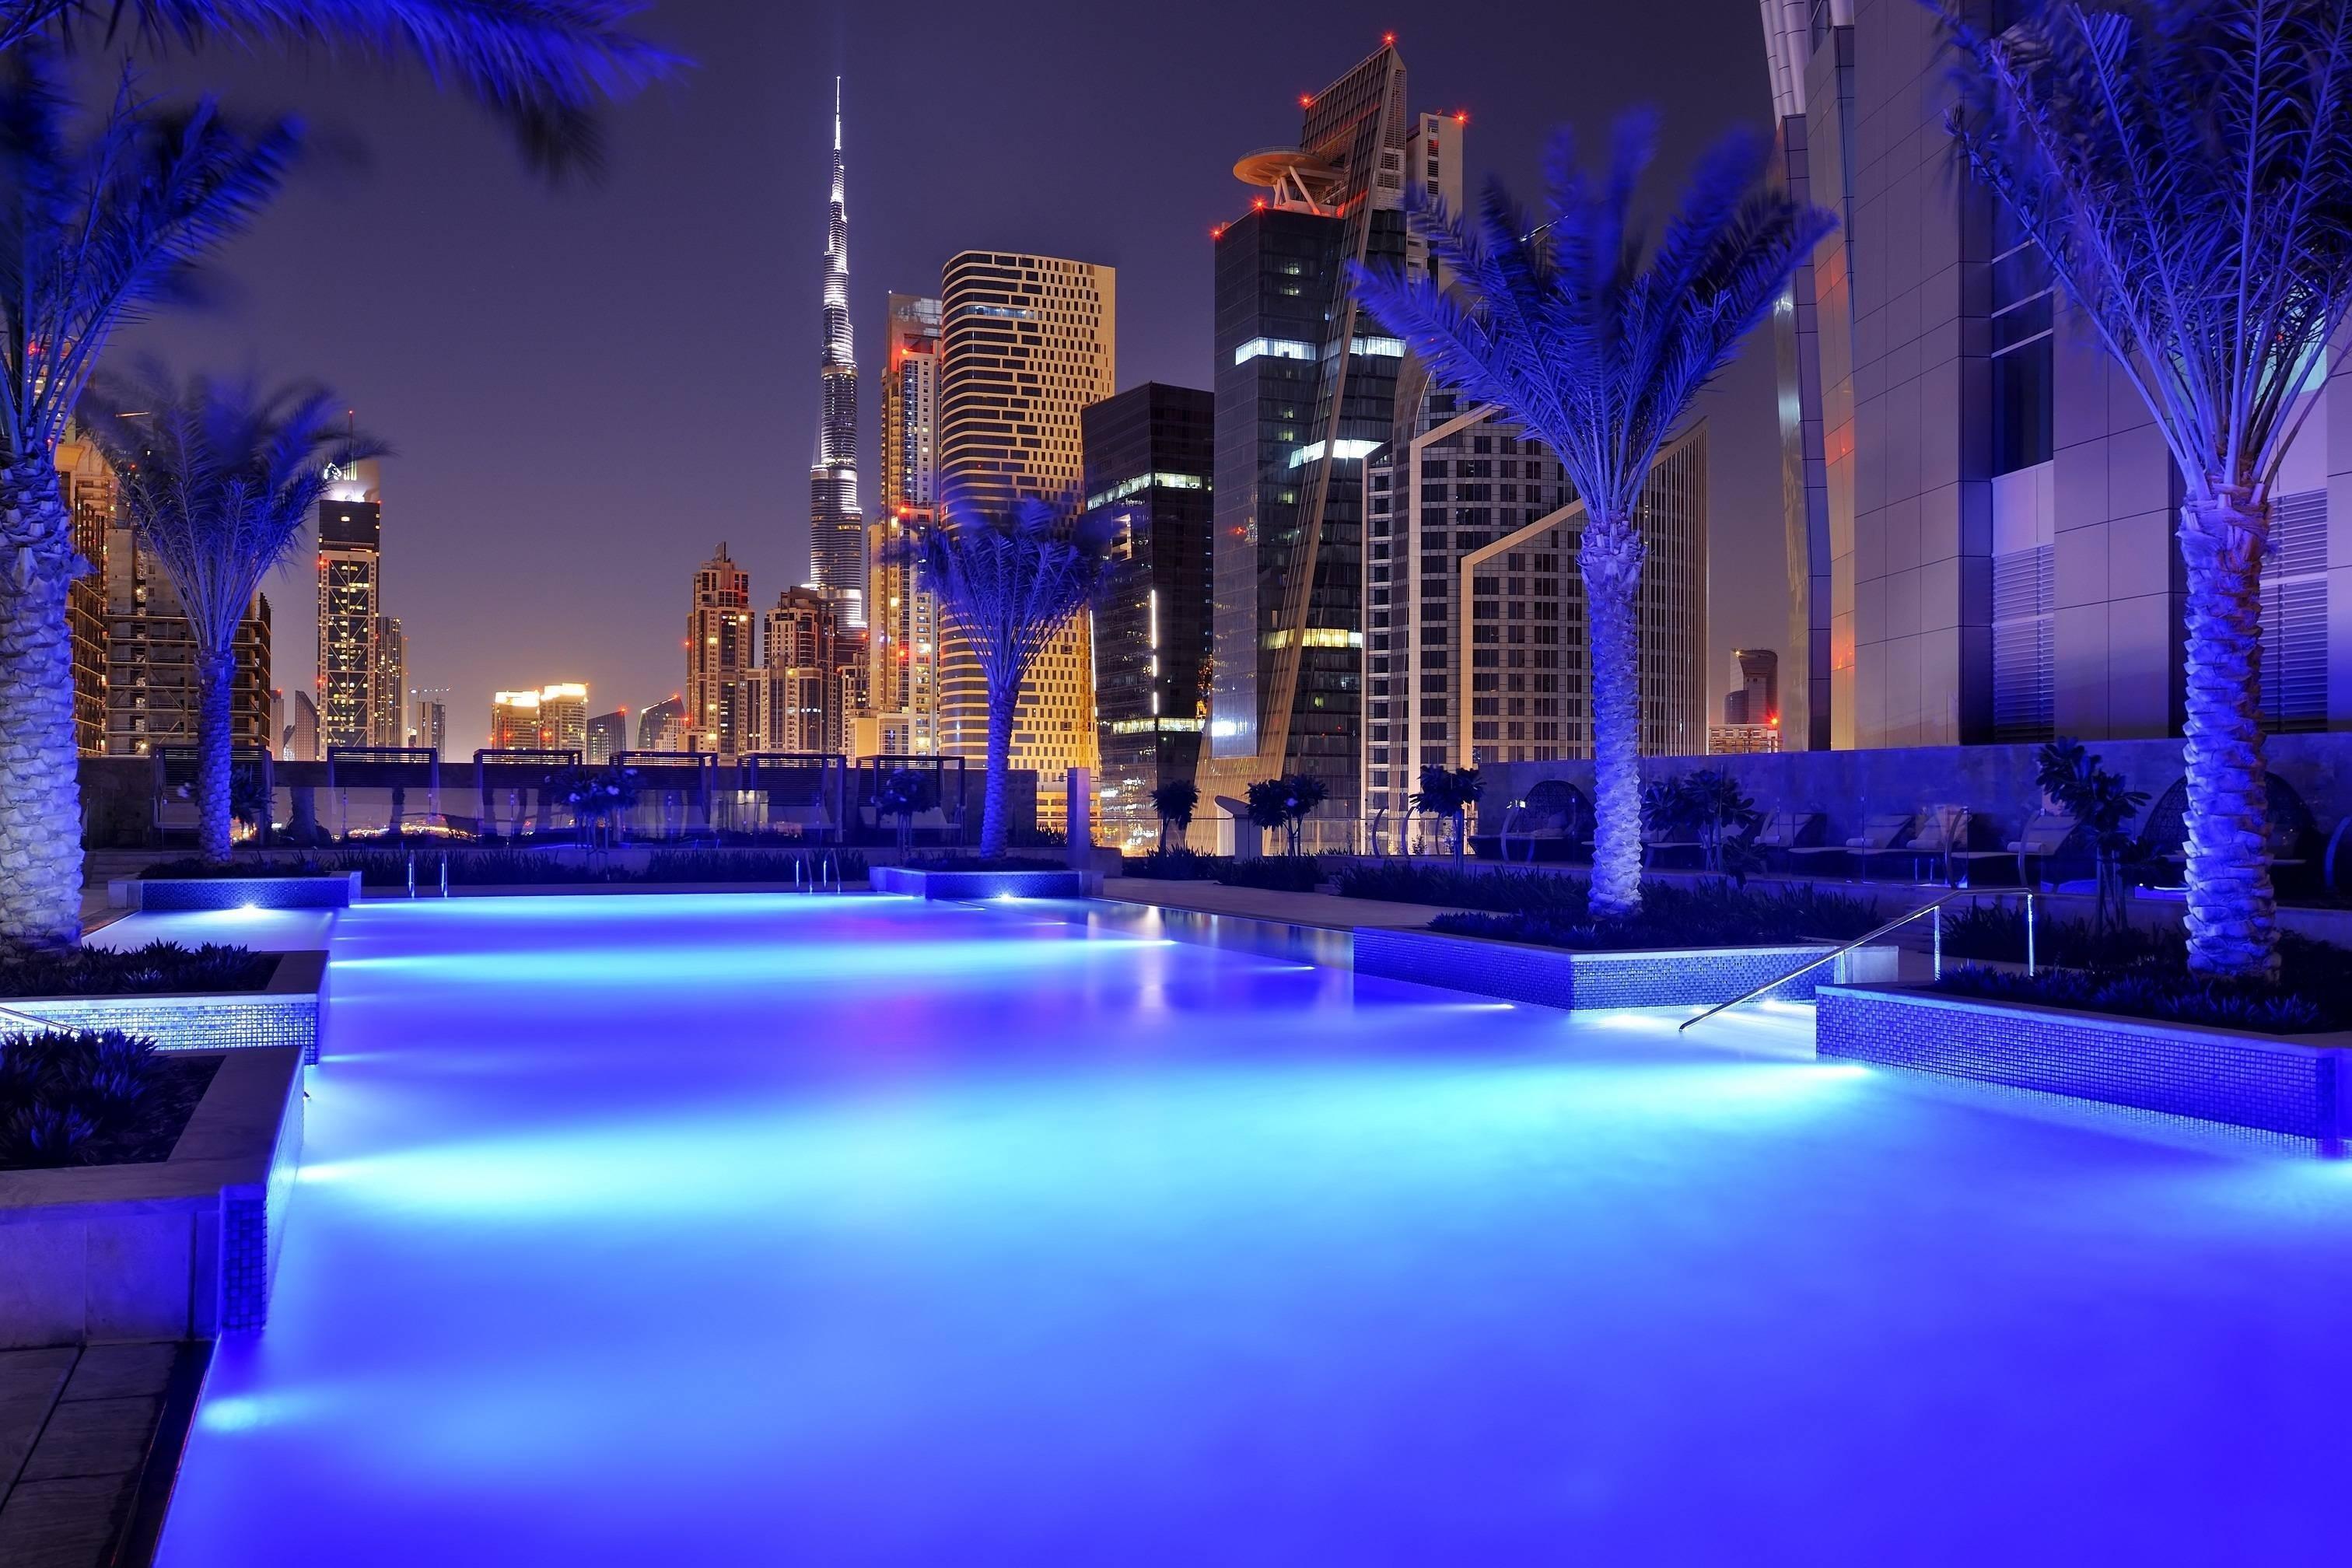 бассейн ночь pool night бесплатно